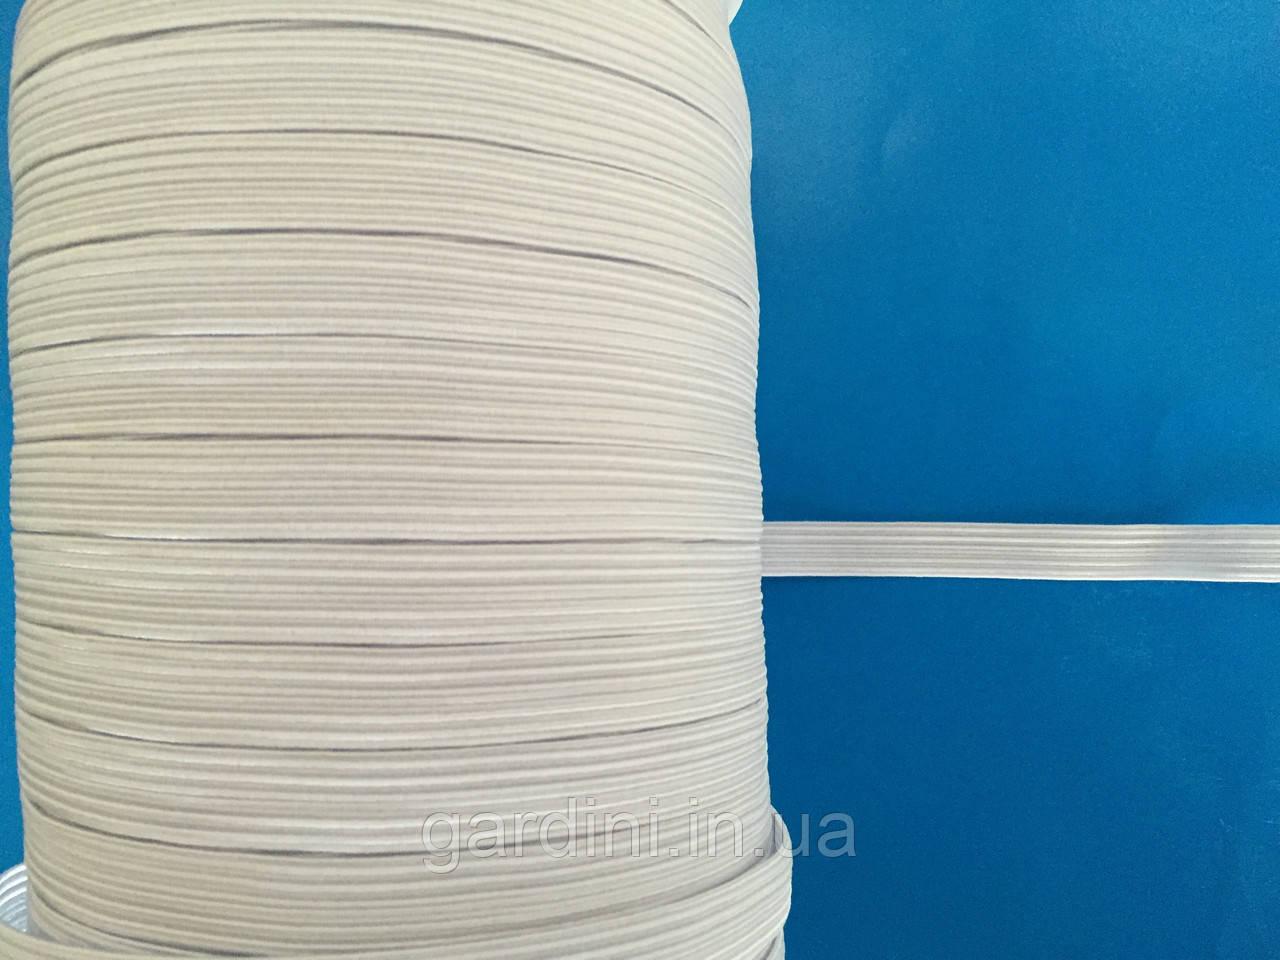 Резинка белая 1 см